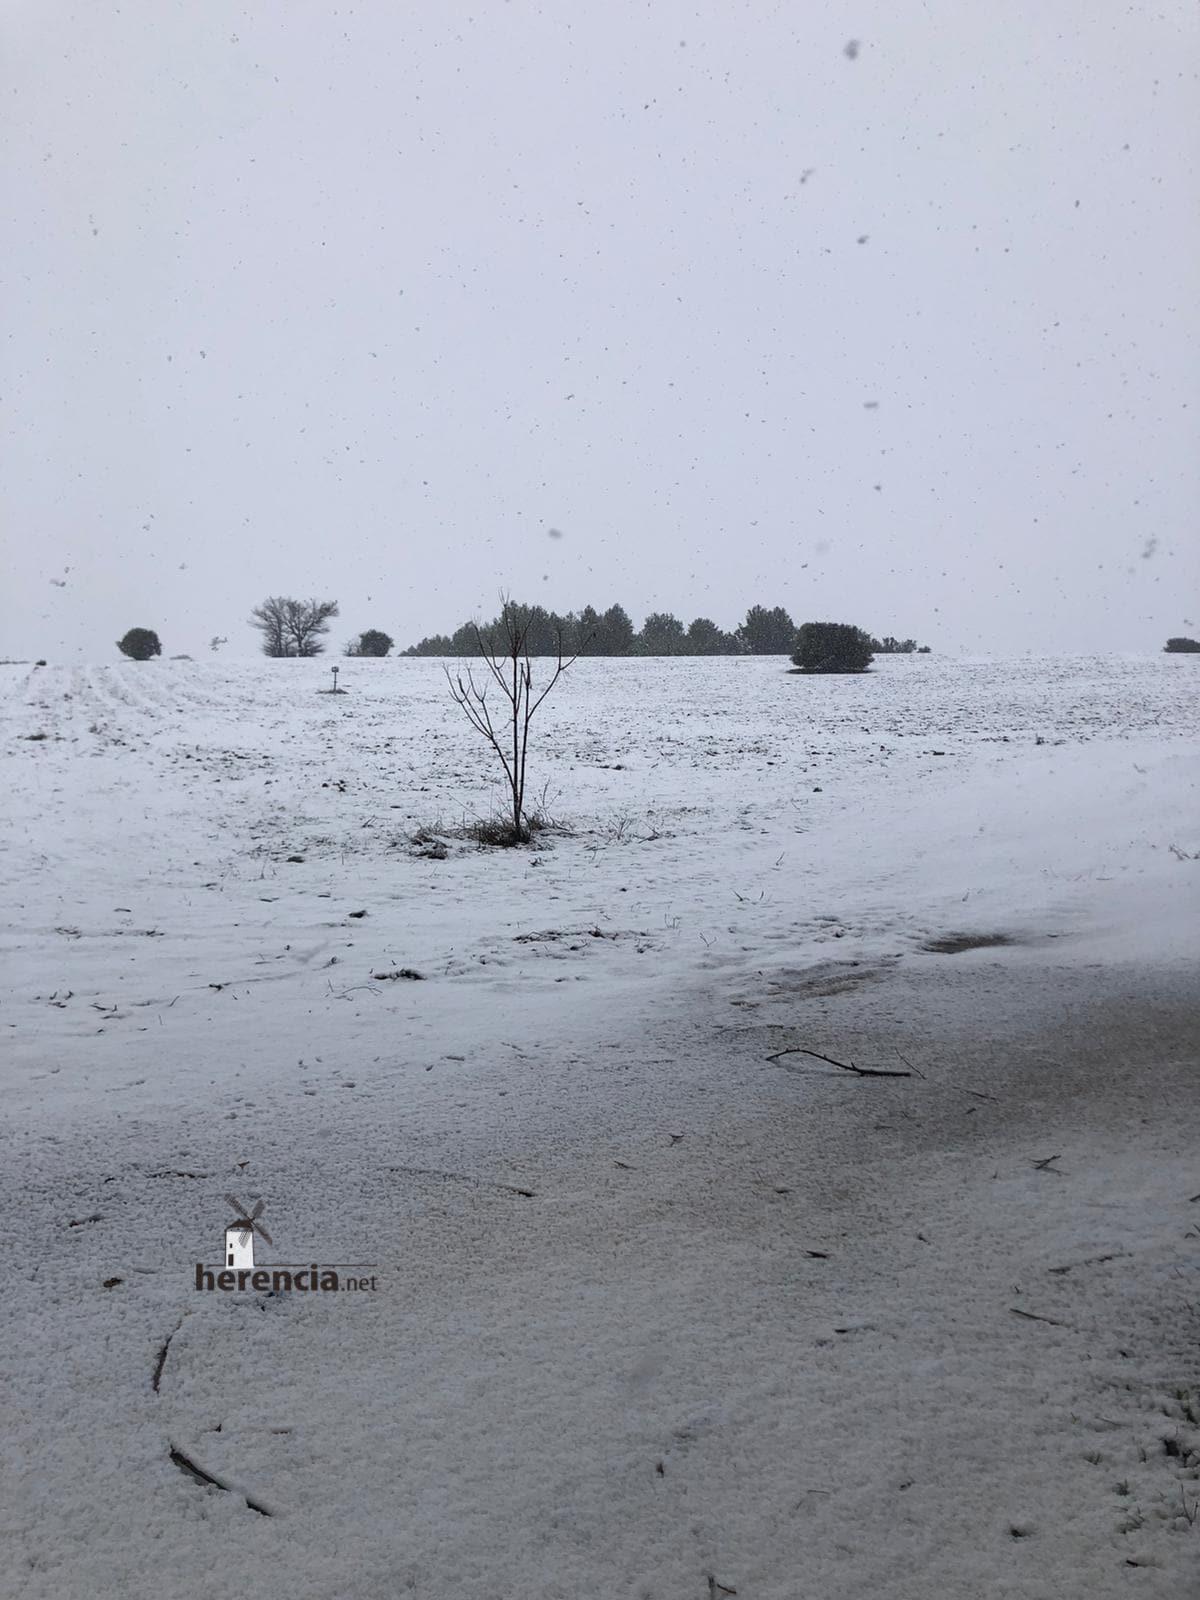 Las nevadas llegan Herencia y a toda Castilla-La Mancha (actualizado) 120